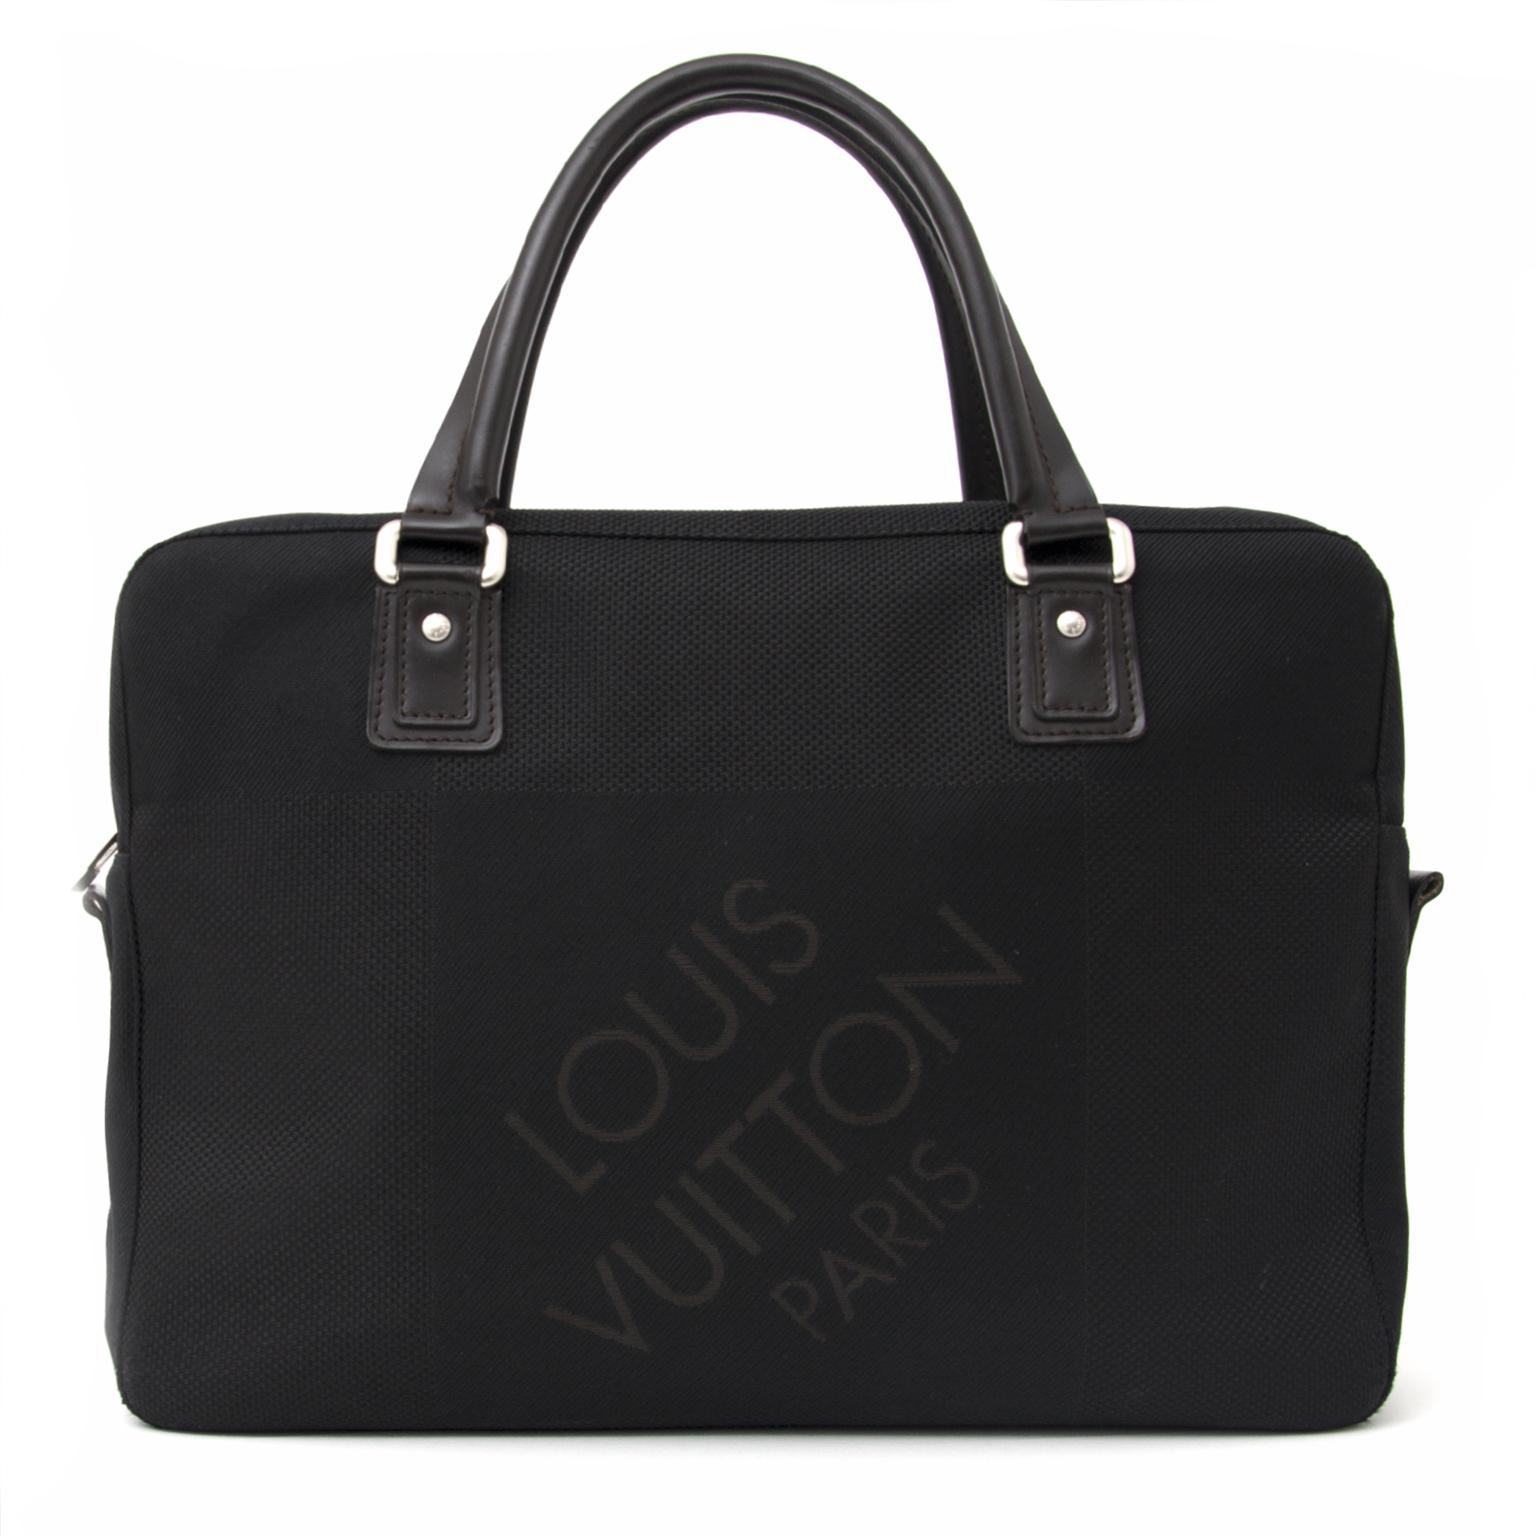 f6bec4ef35b ... koop veilig online aan de beste prijs nieuwe Louis Vuitton Paris  webshop en showroom Antwerpen